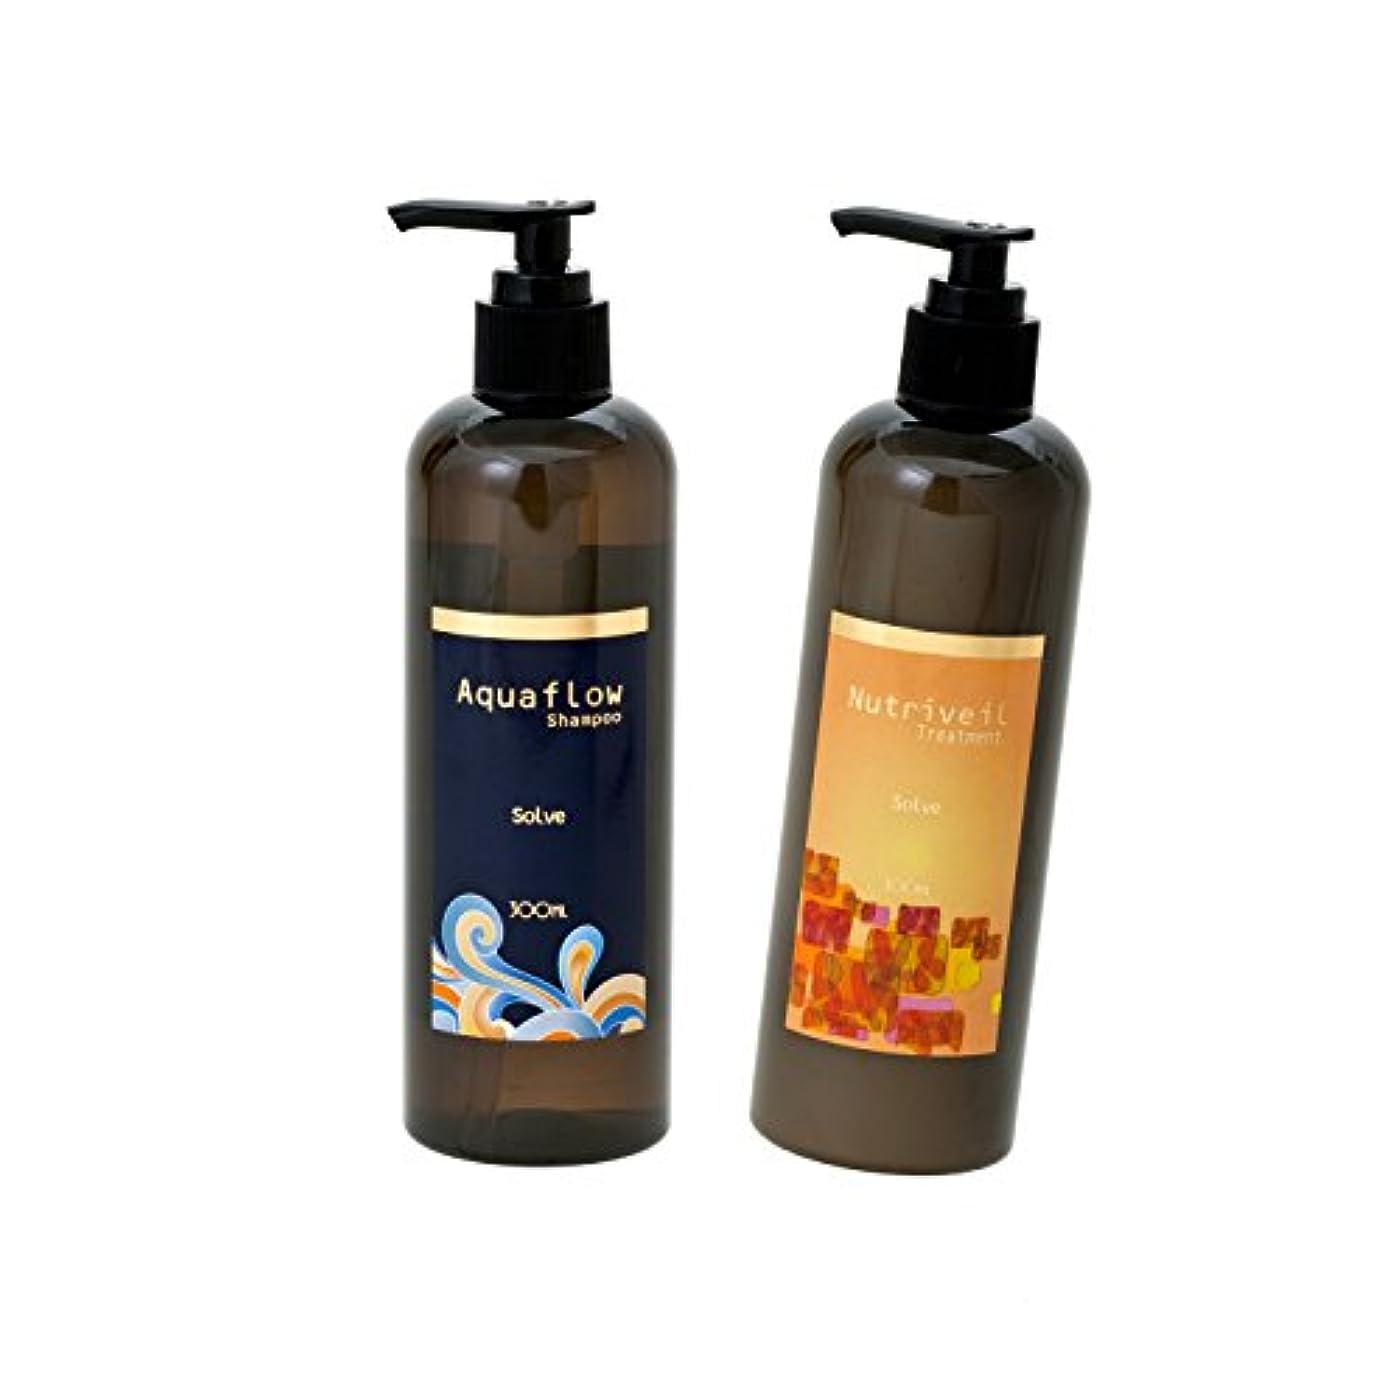 マチュピチュルール月曜縮毛矯正した髪を栄養そのもので洗うsolve|ソルブシャンプー「Aquaflow_アクアフロー」ソルブトリートメント「Nutriveil_ニュートリヴェール」セット|カラーの繰り返しで大きくダメージした髪のケアにも。 (...